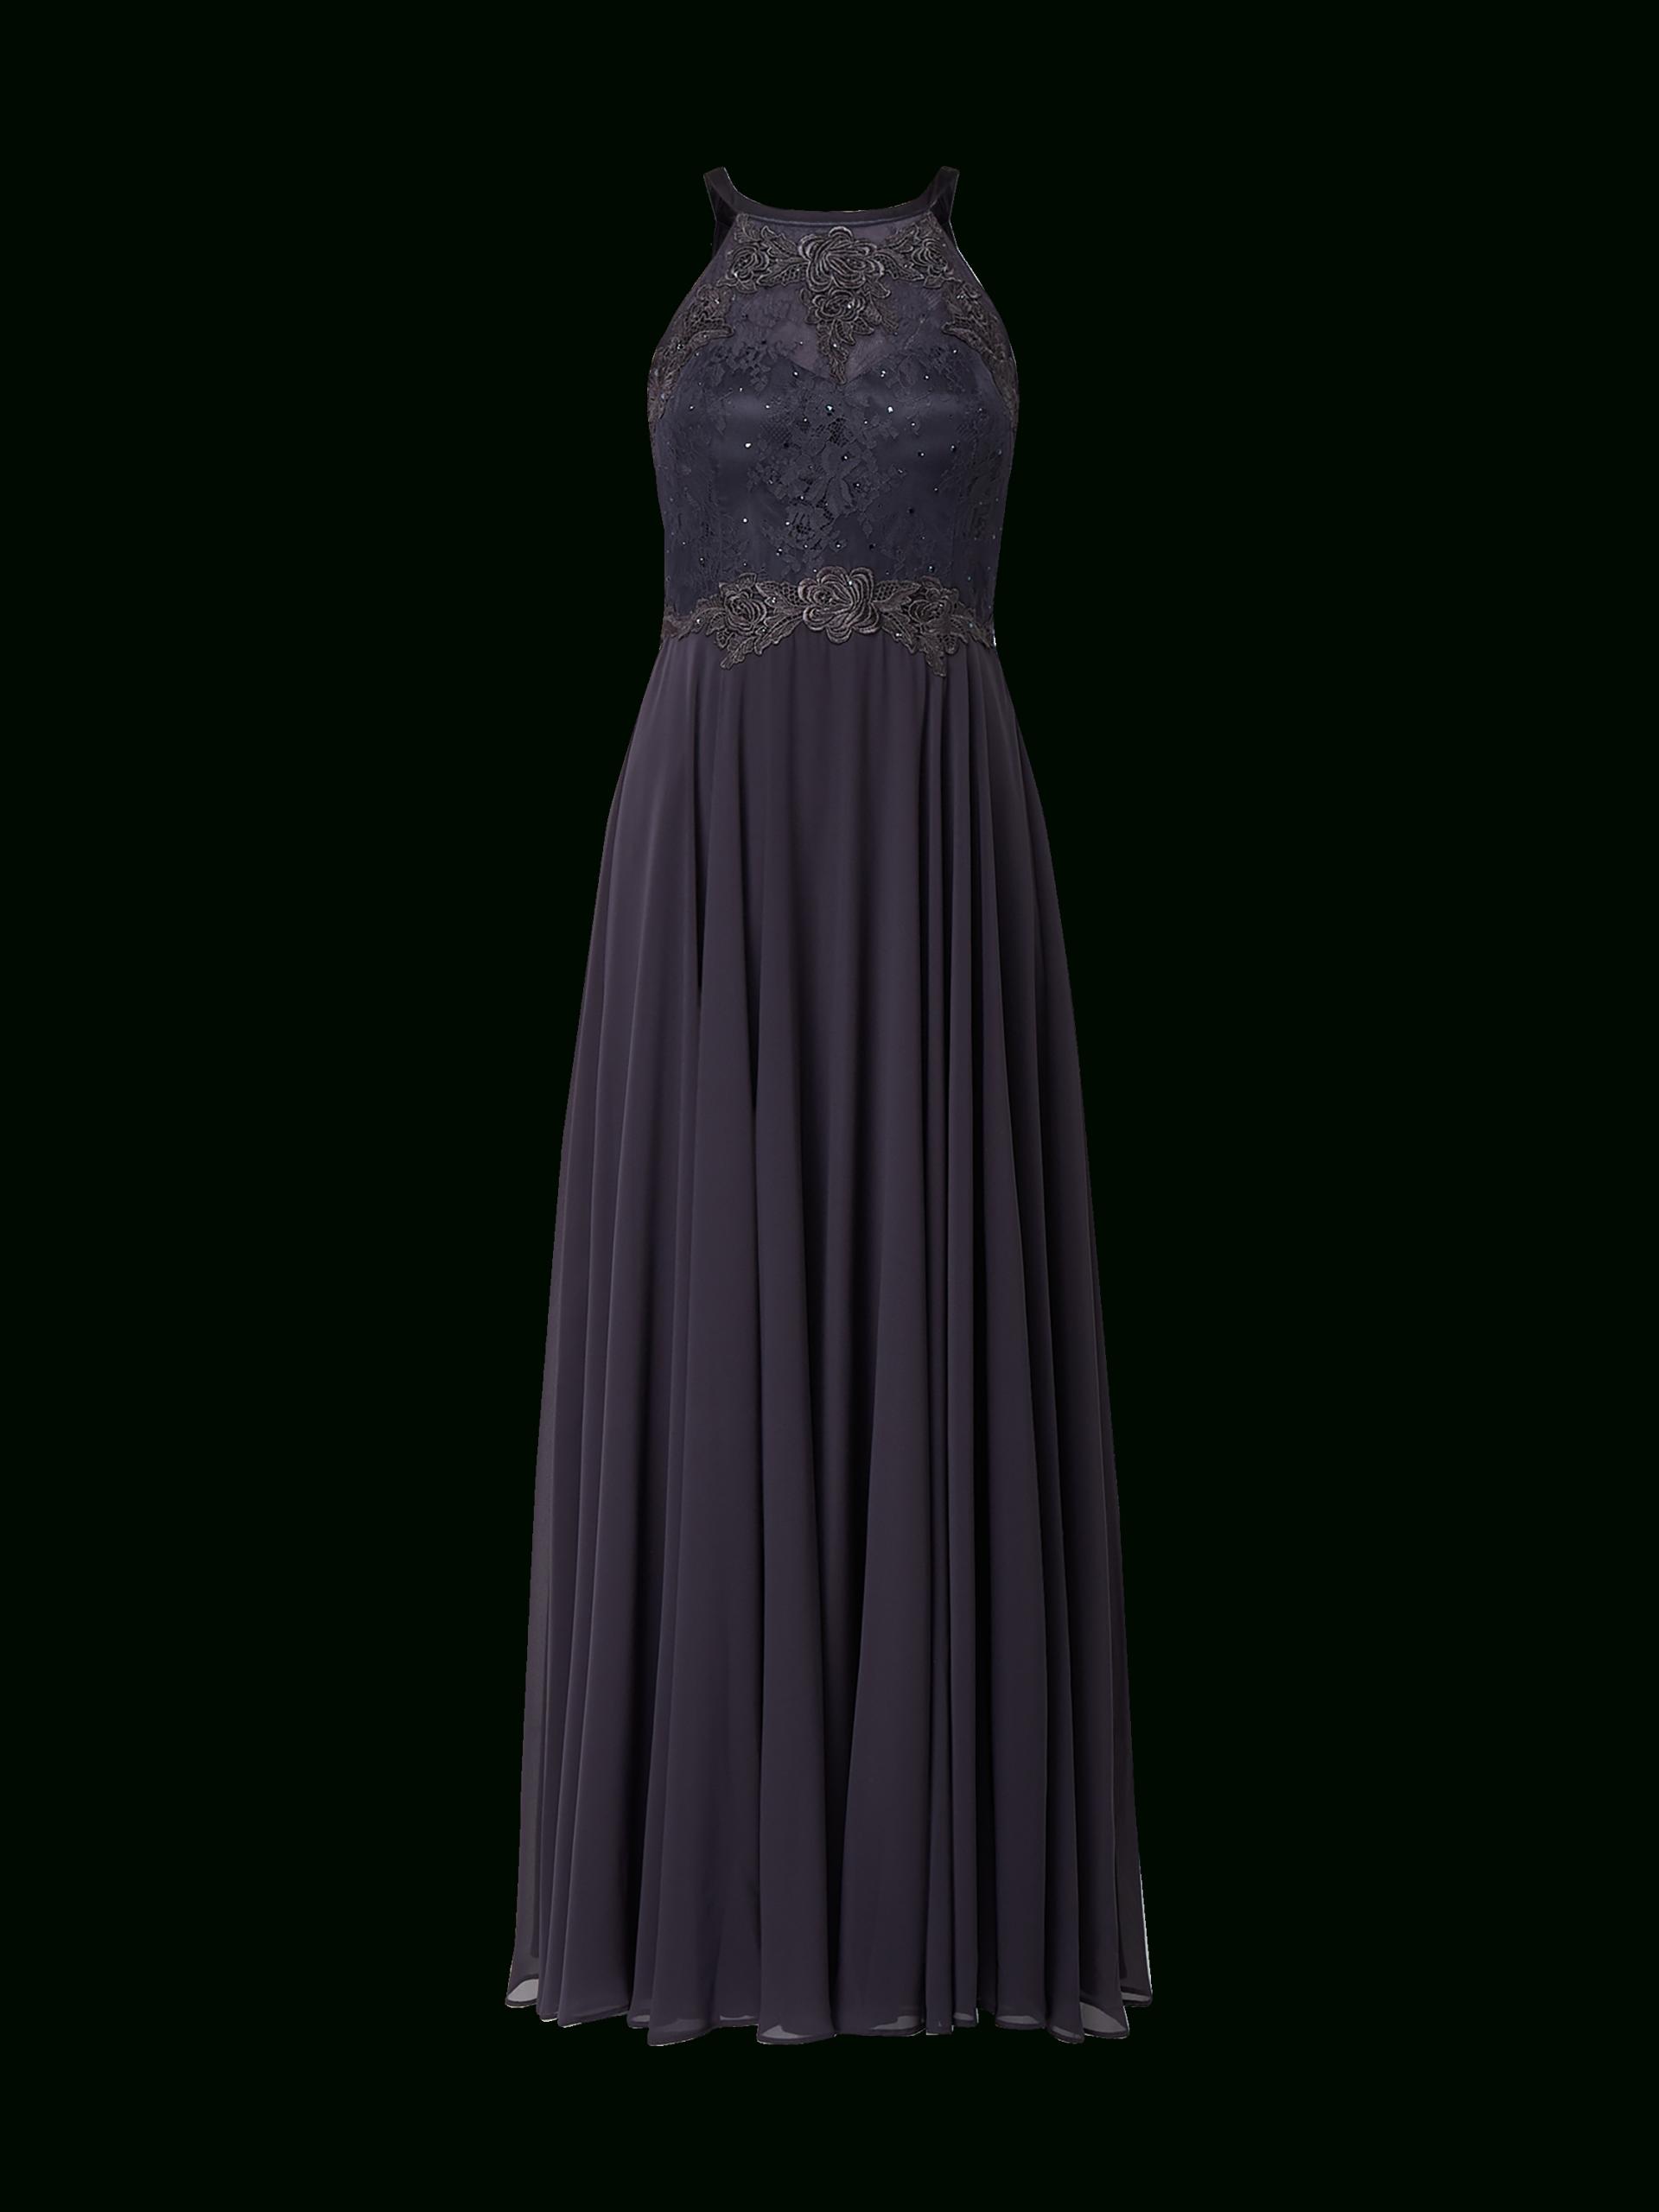 13 Perfekt P&C Abendkleid Dunkelblau Stylish20 Schön P&C Abendkleid Dunkelblau Bester Preis